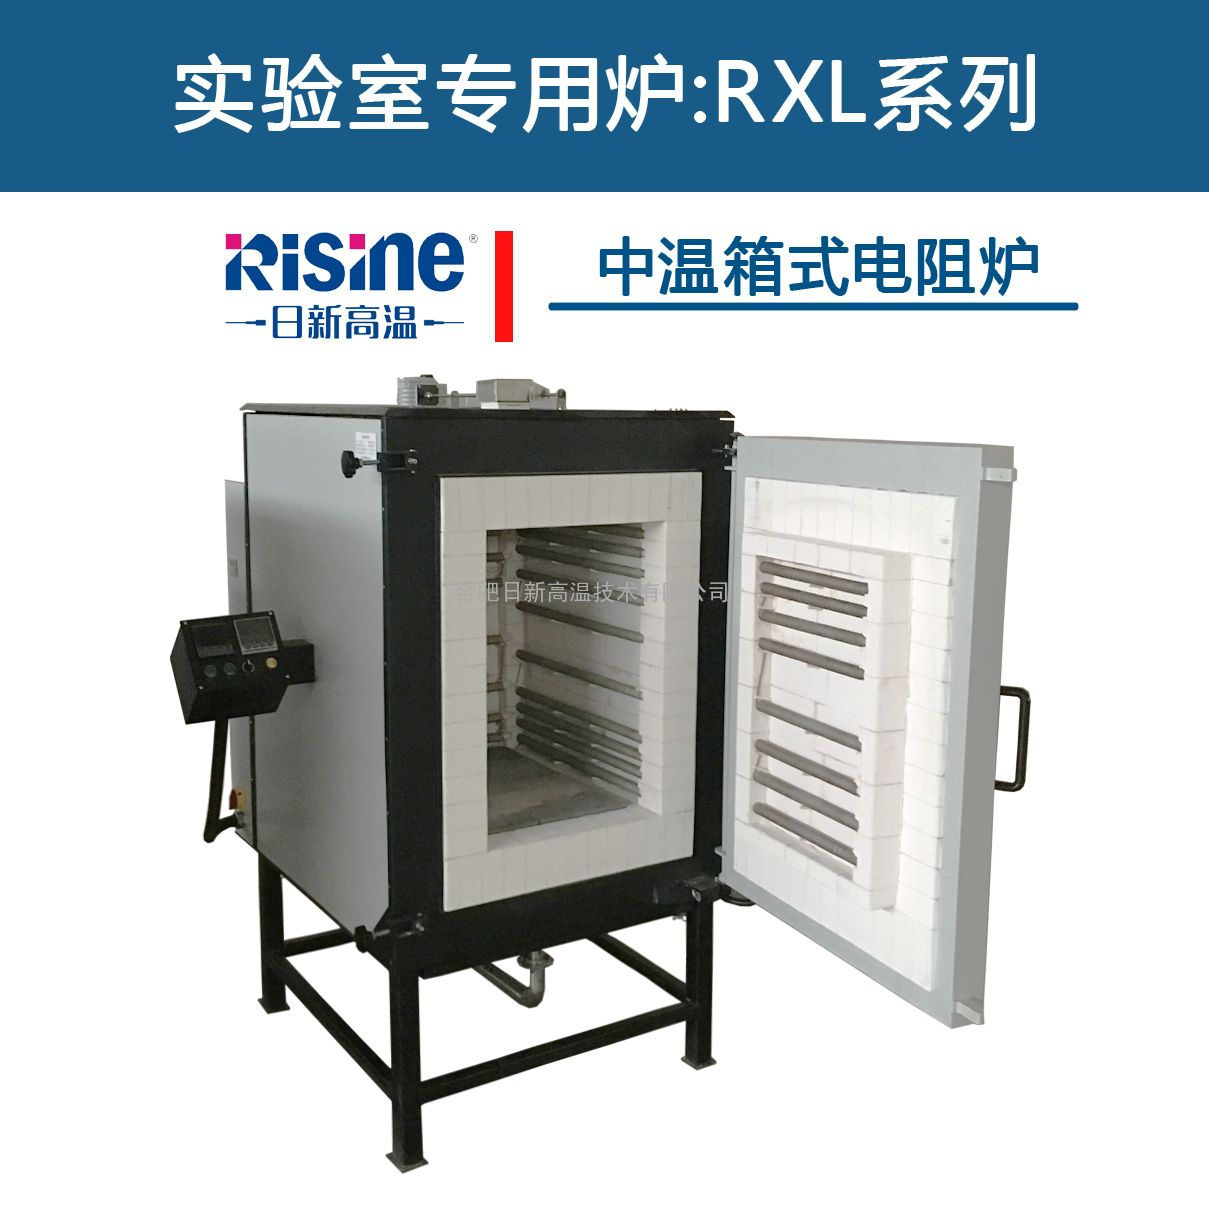 1200度中温箱式炉